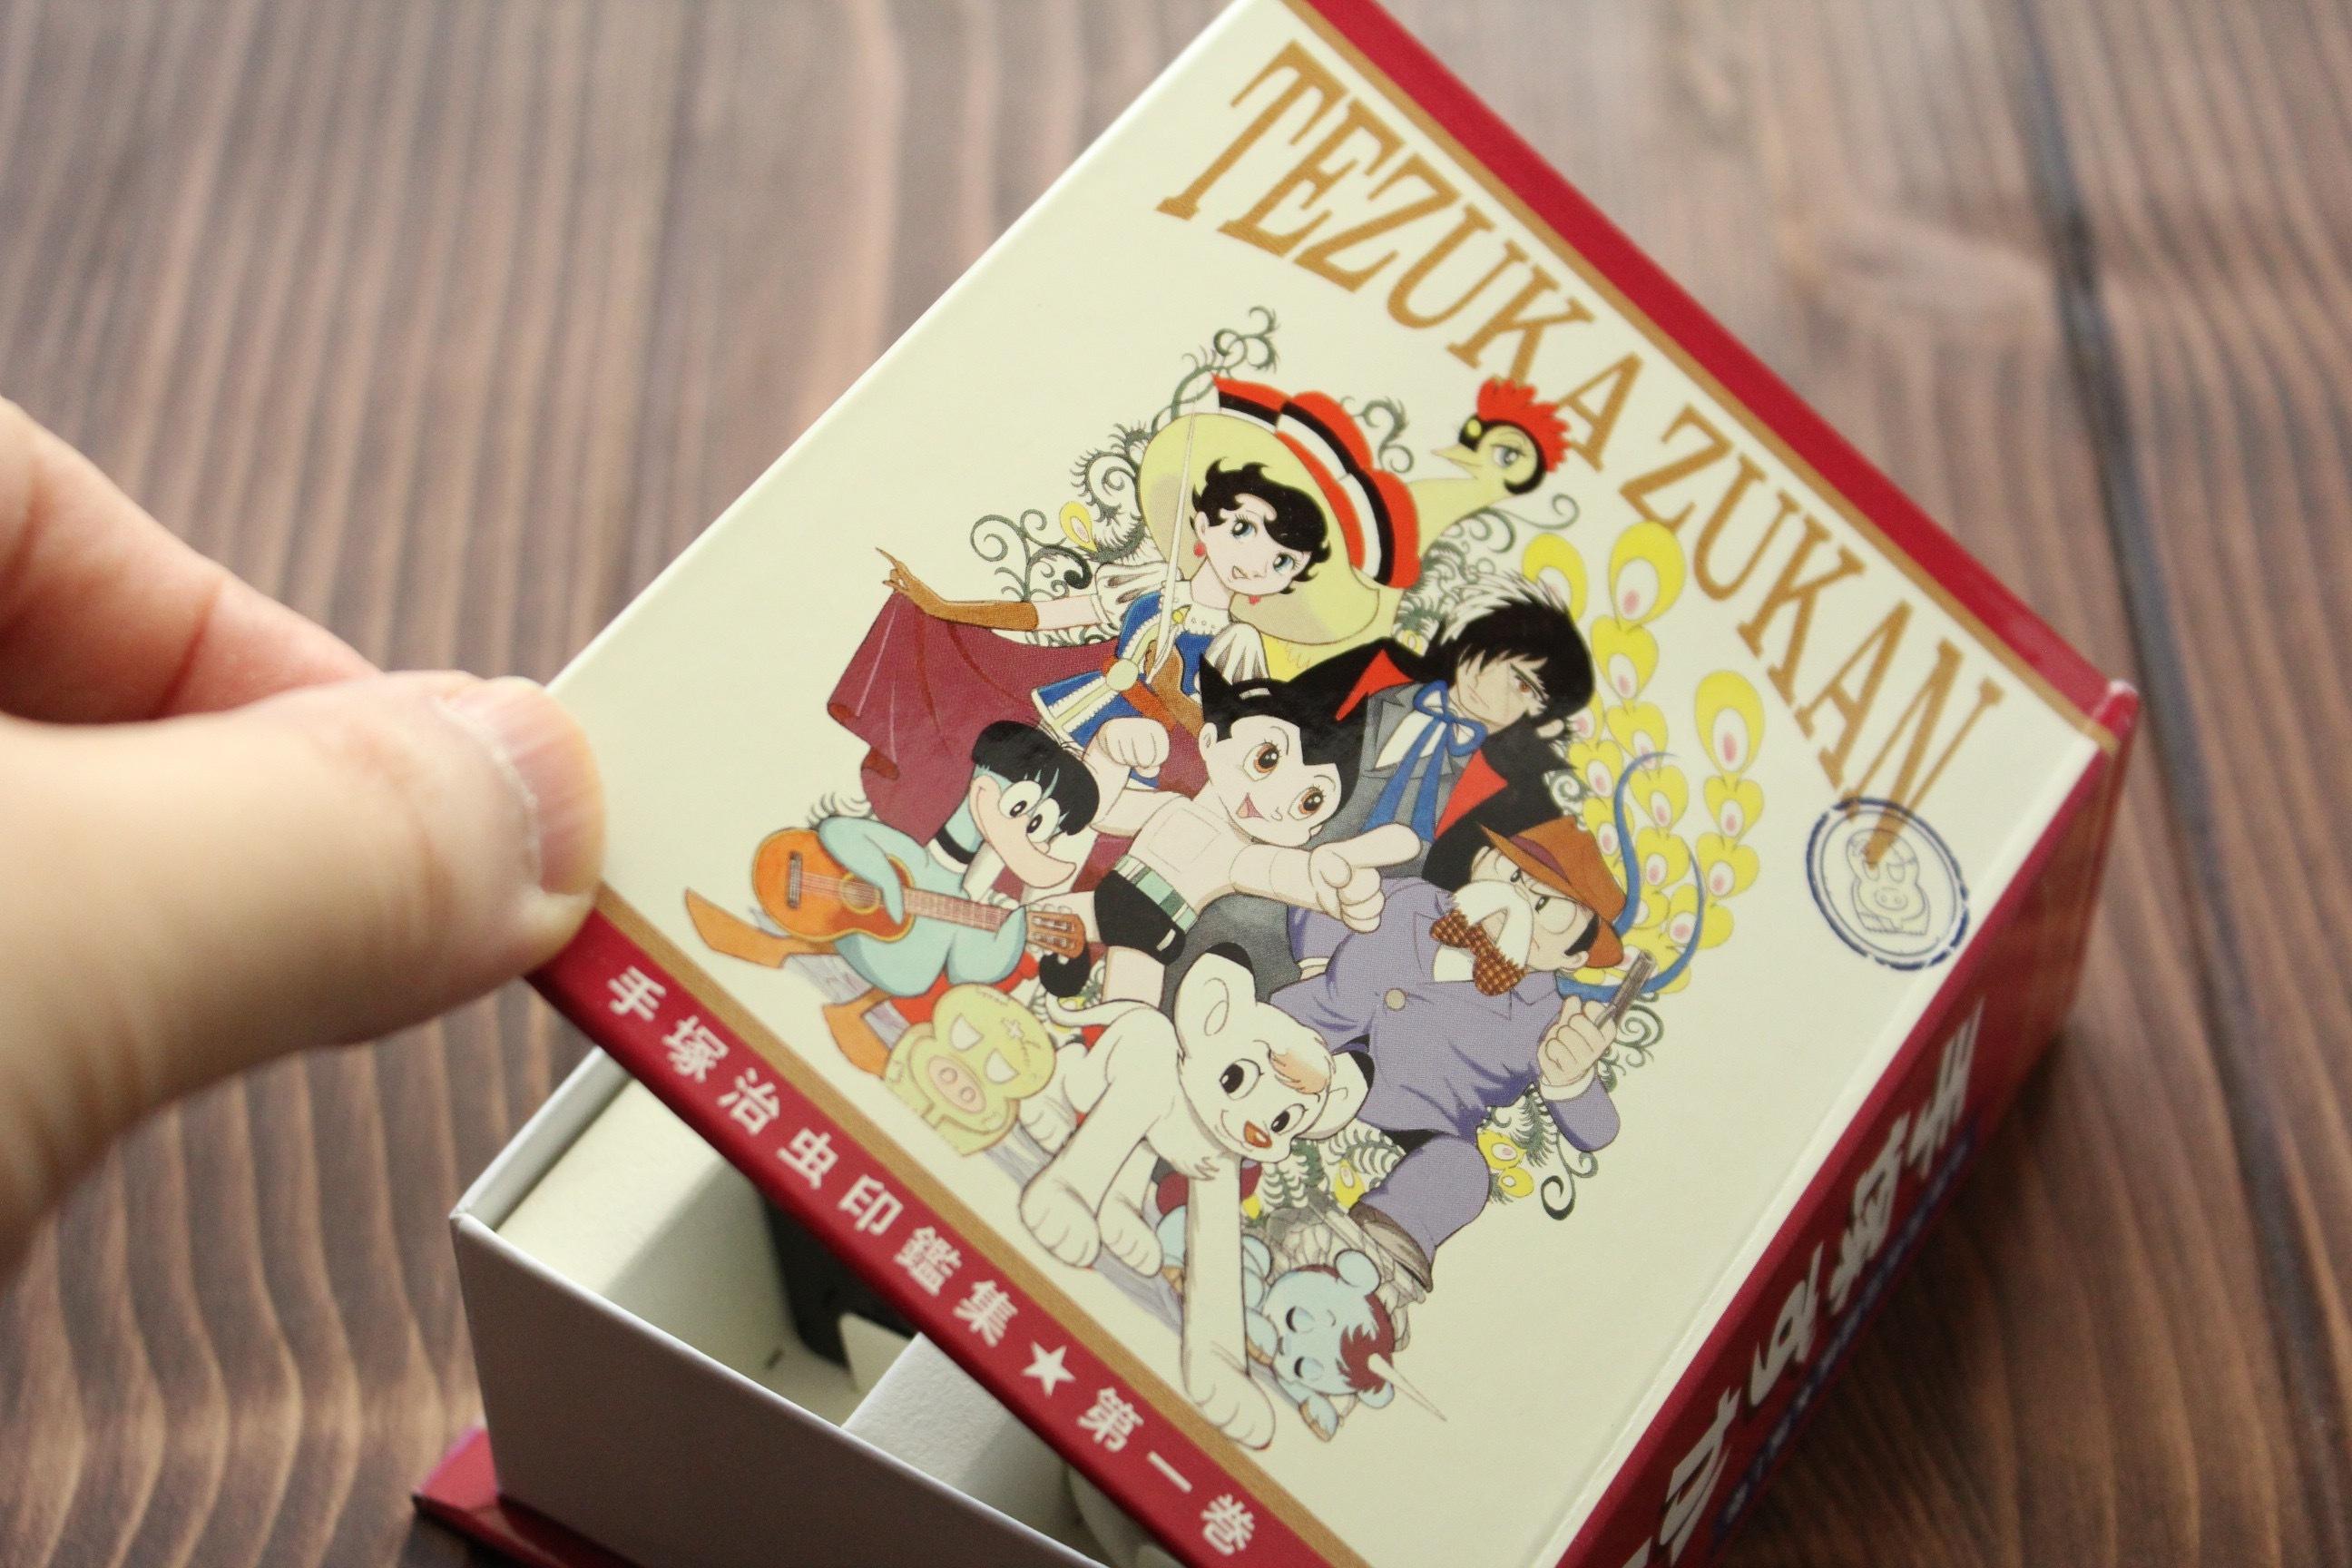 「手塚治虫キャラクターのハンコ」シリーズの箱